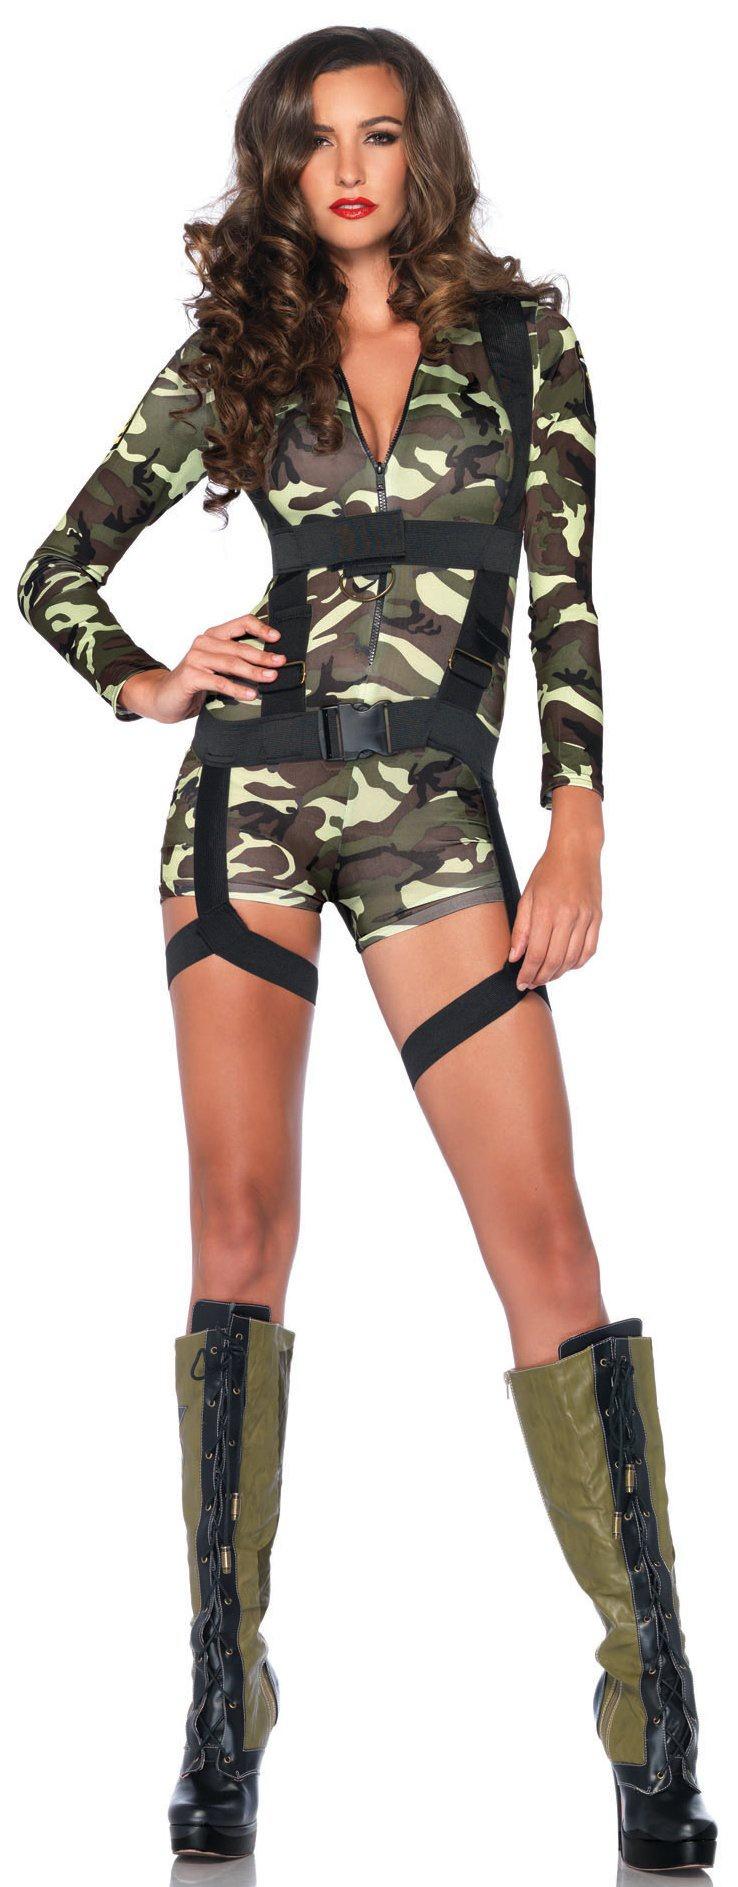 Sexy Goin' Commando Army Costume - Mr. Costumes